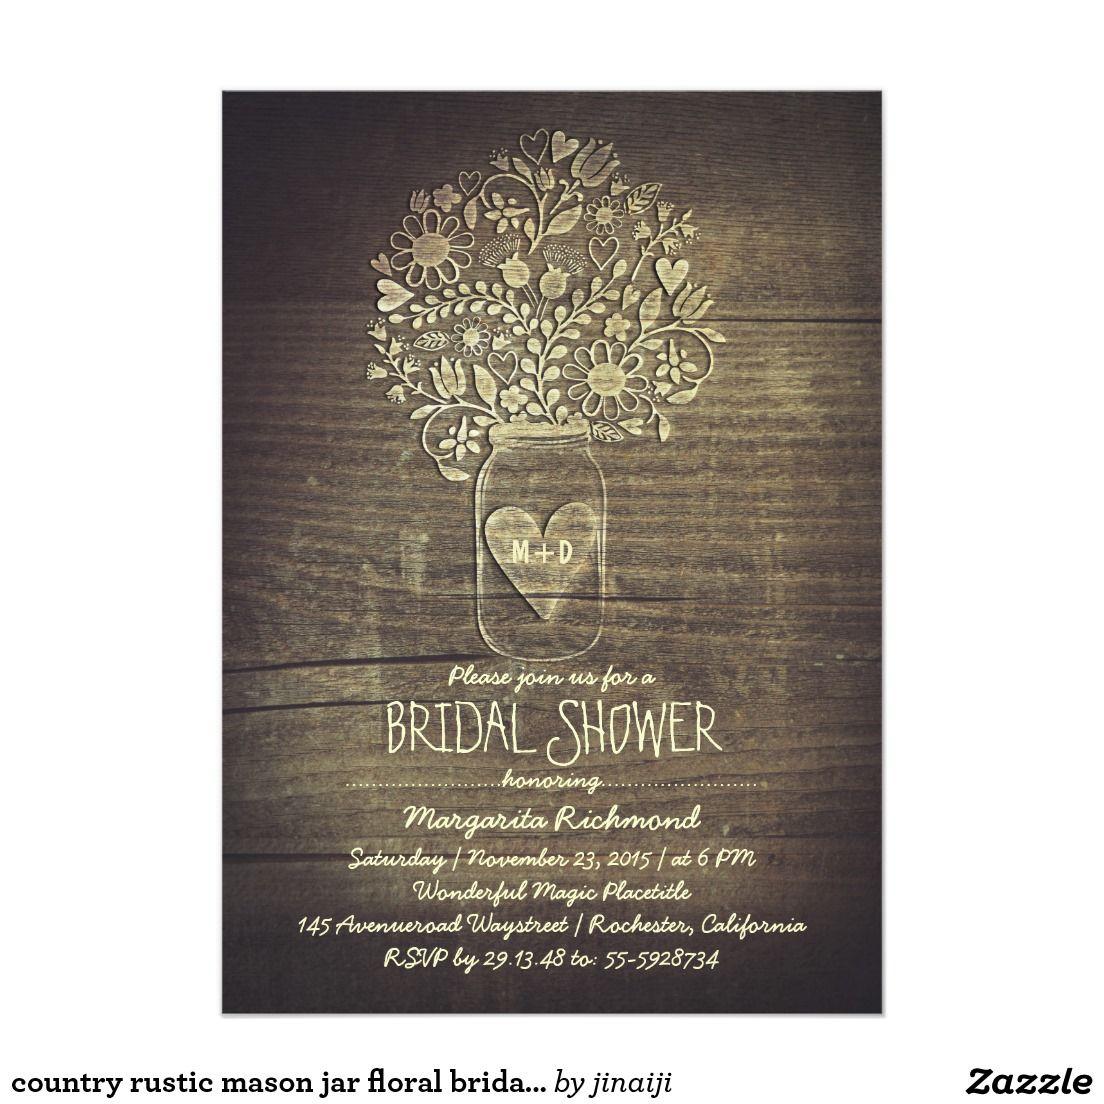 country rustic mason jar floral bridal shower card   WEDDING IDEAS ...